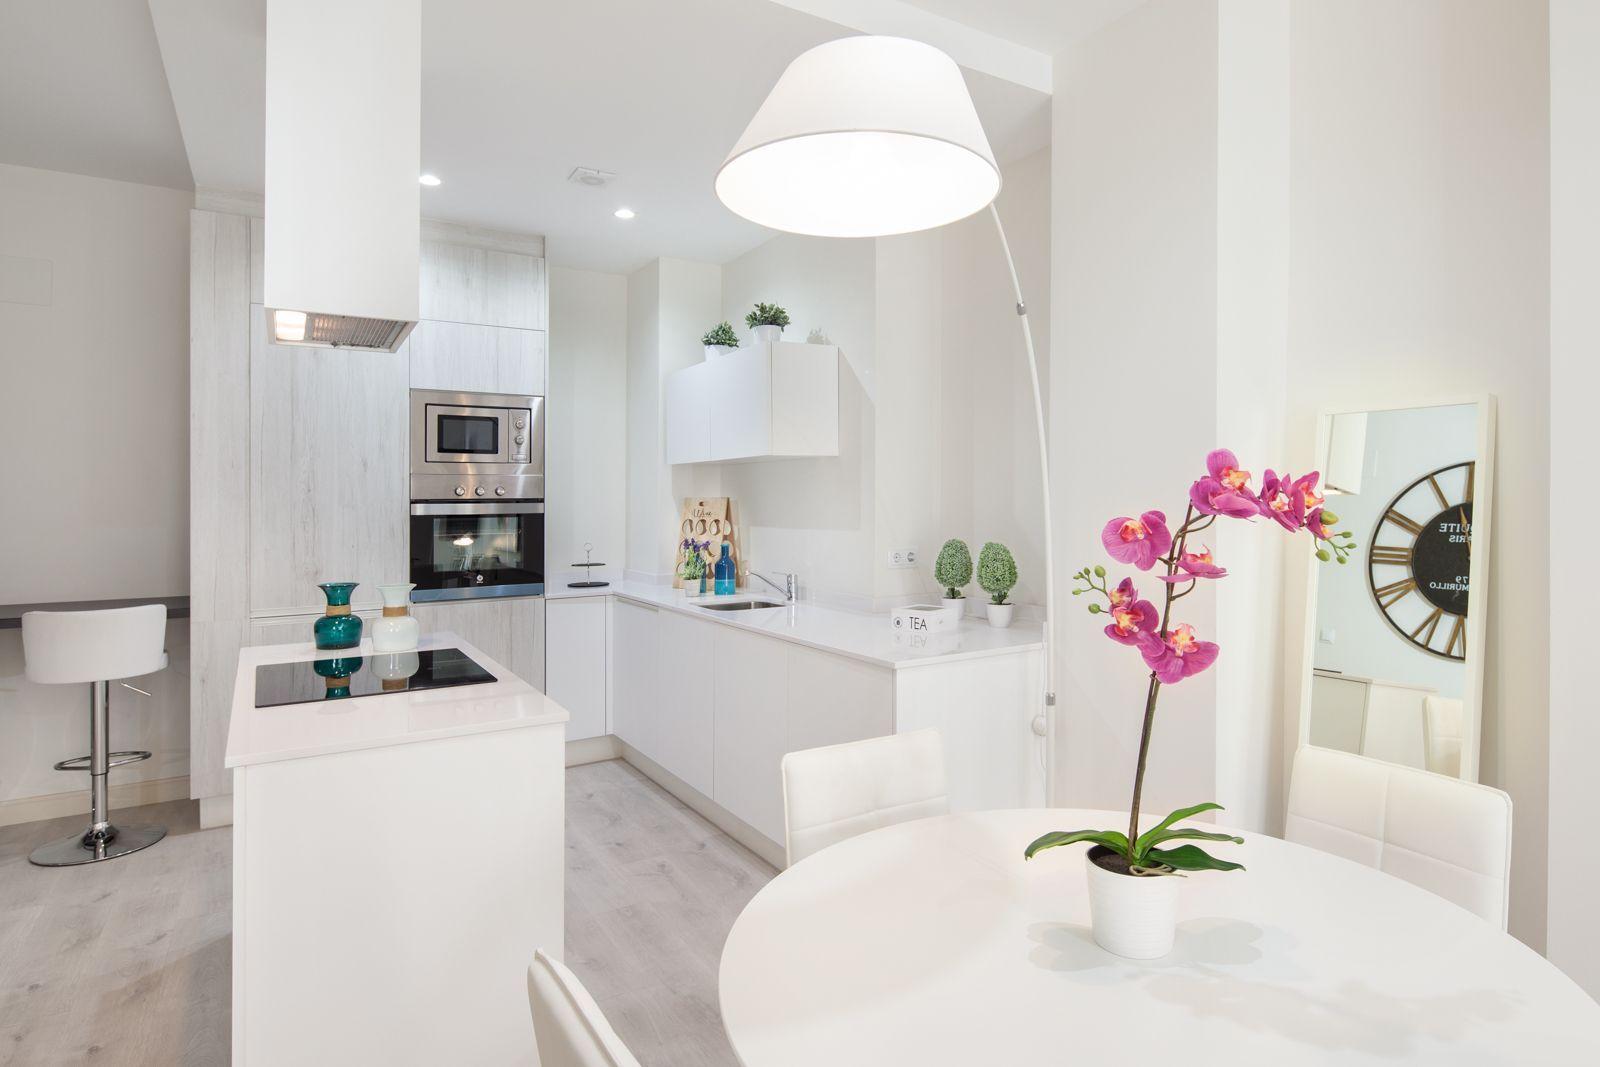 Visite este nuevo y exclusivo piso moderno en m laga for Decoracion piso moderno